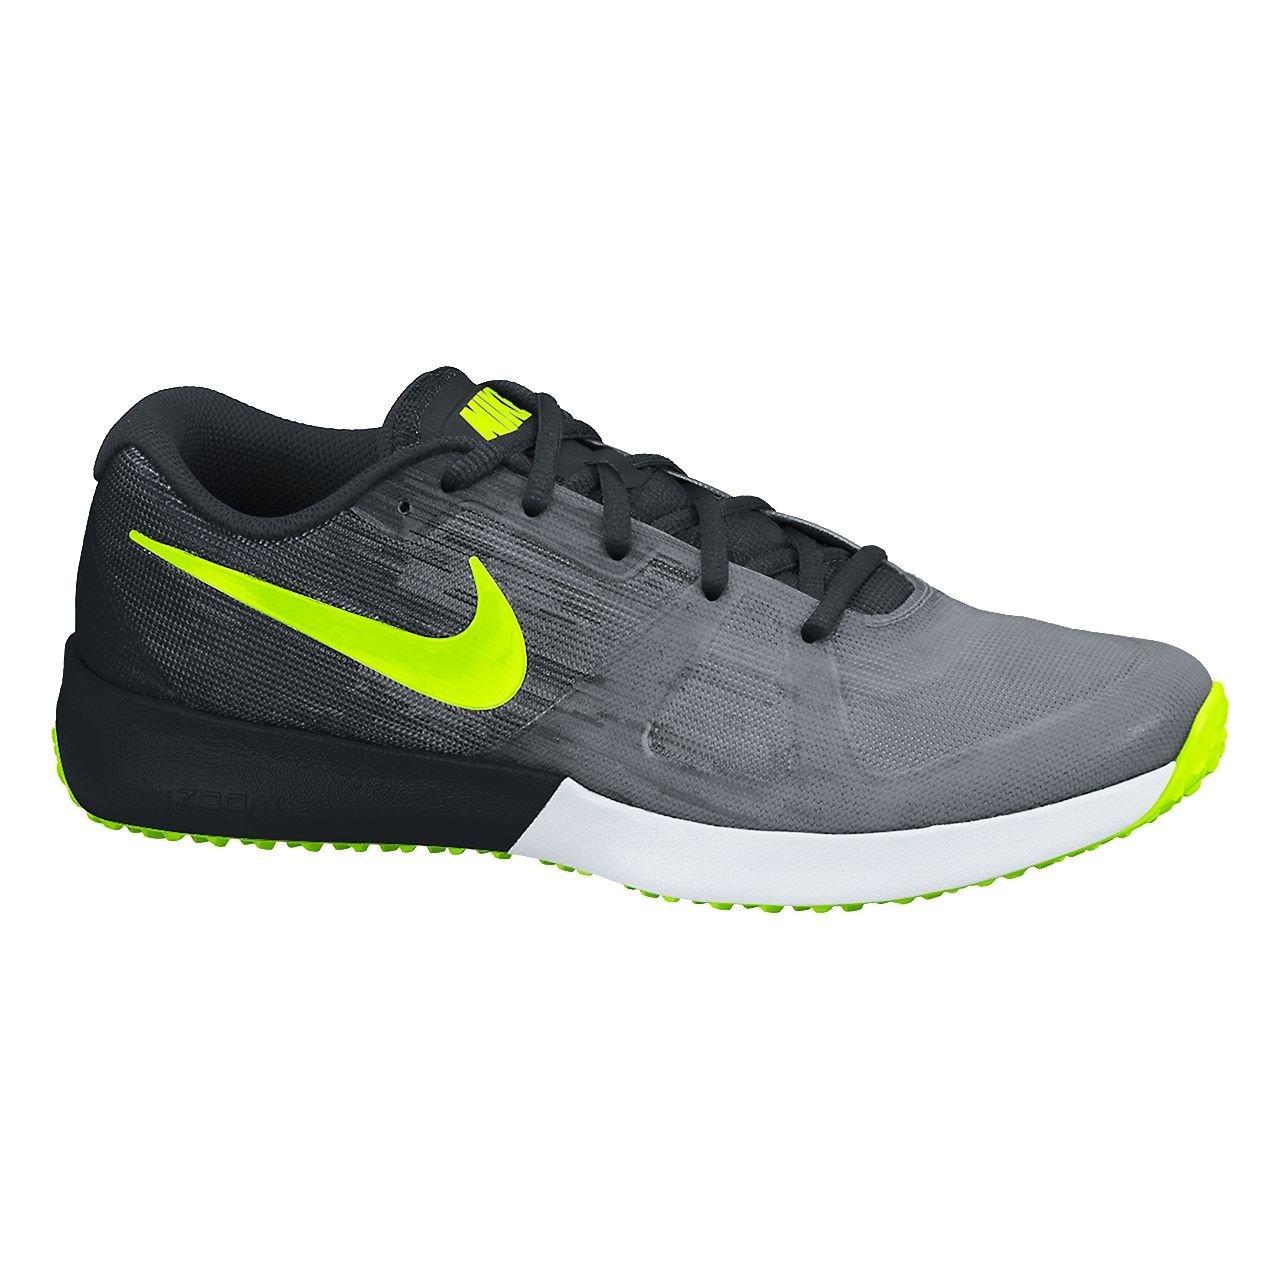 Nike schwarz schwarz schwarz Zoom Speed TR 630855-070 41 beea91